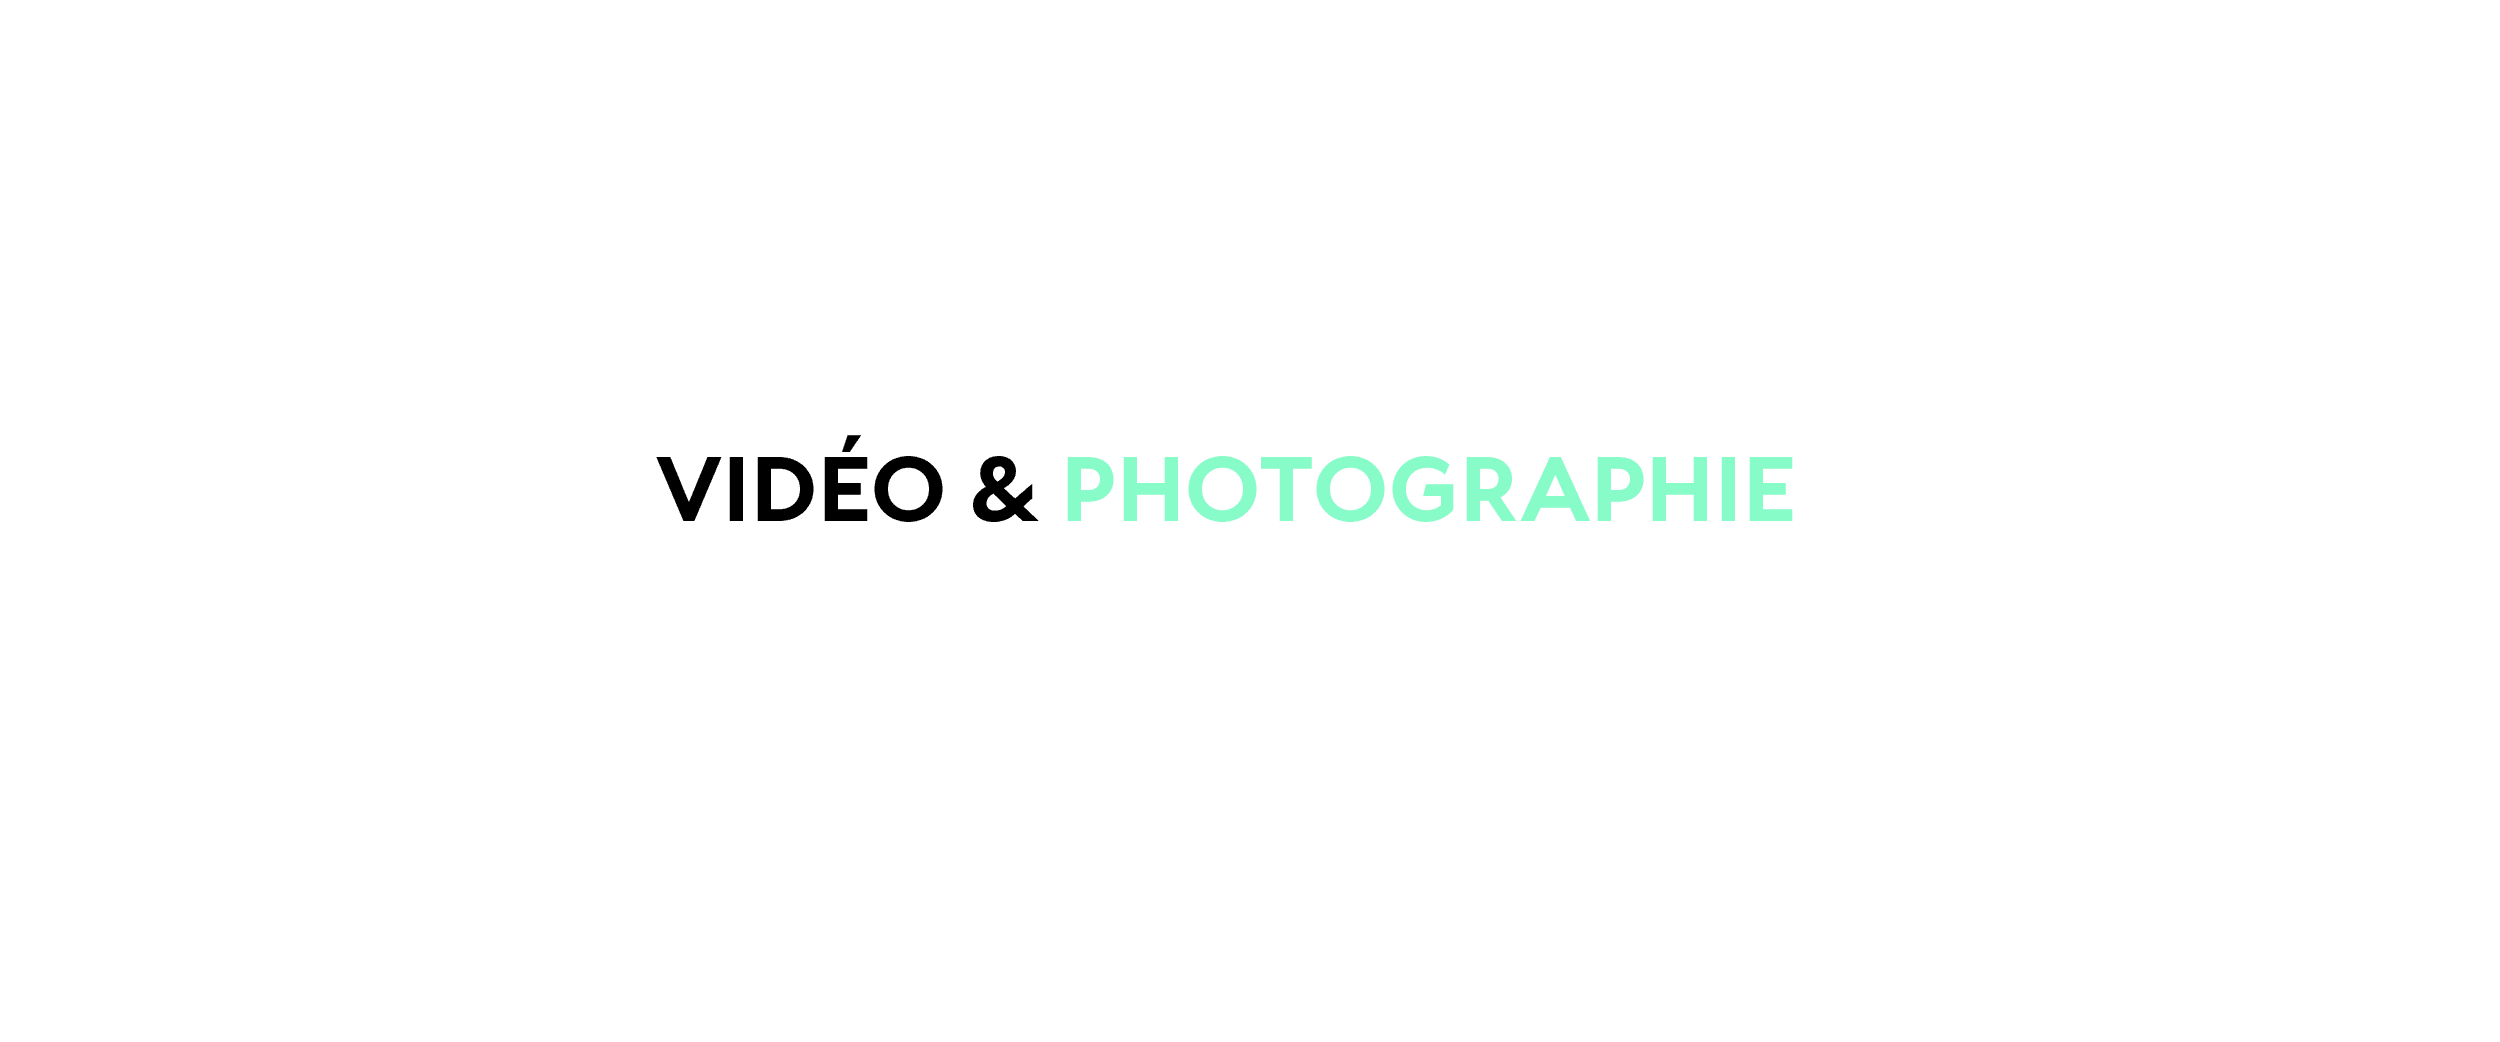 bannière-pontarlier-agence-de-communication-graphiste-graphisme-logo-video-photographie